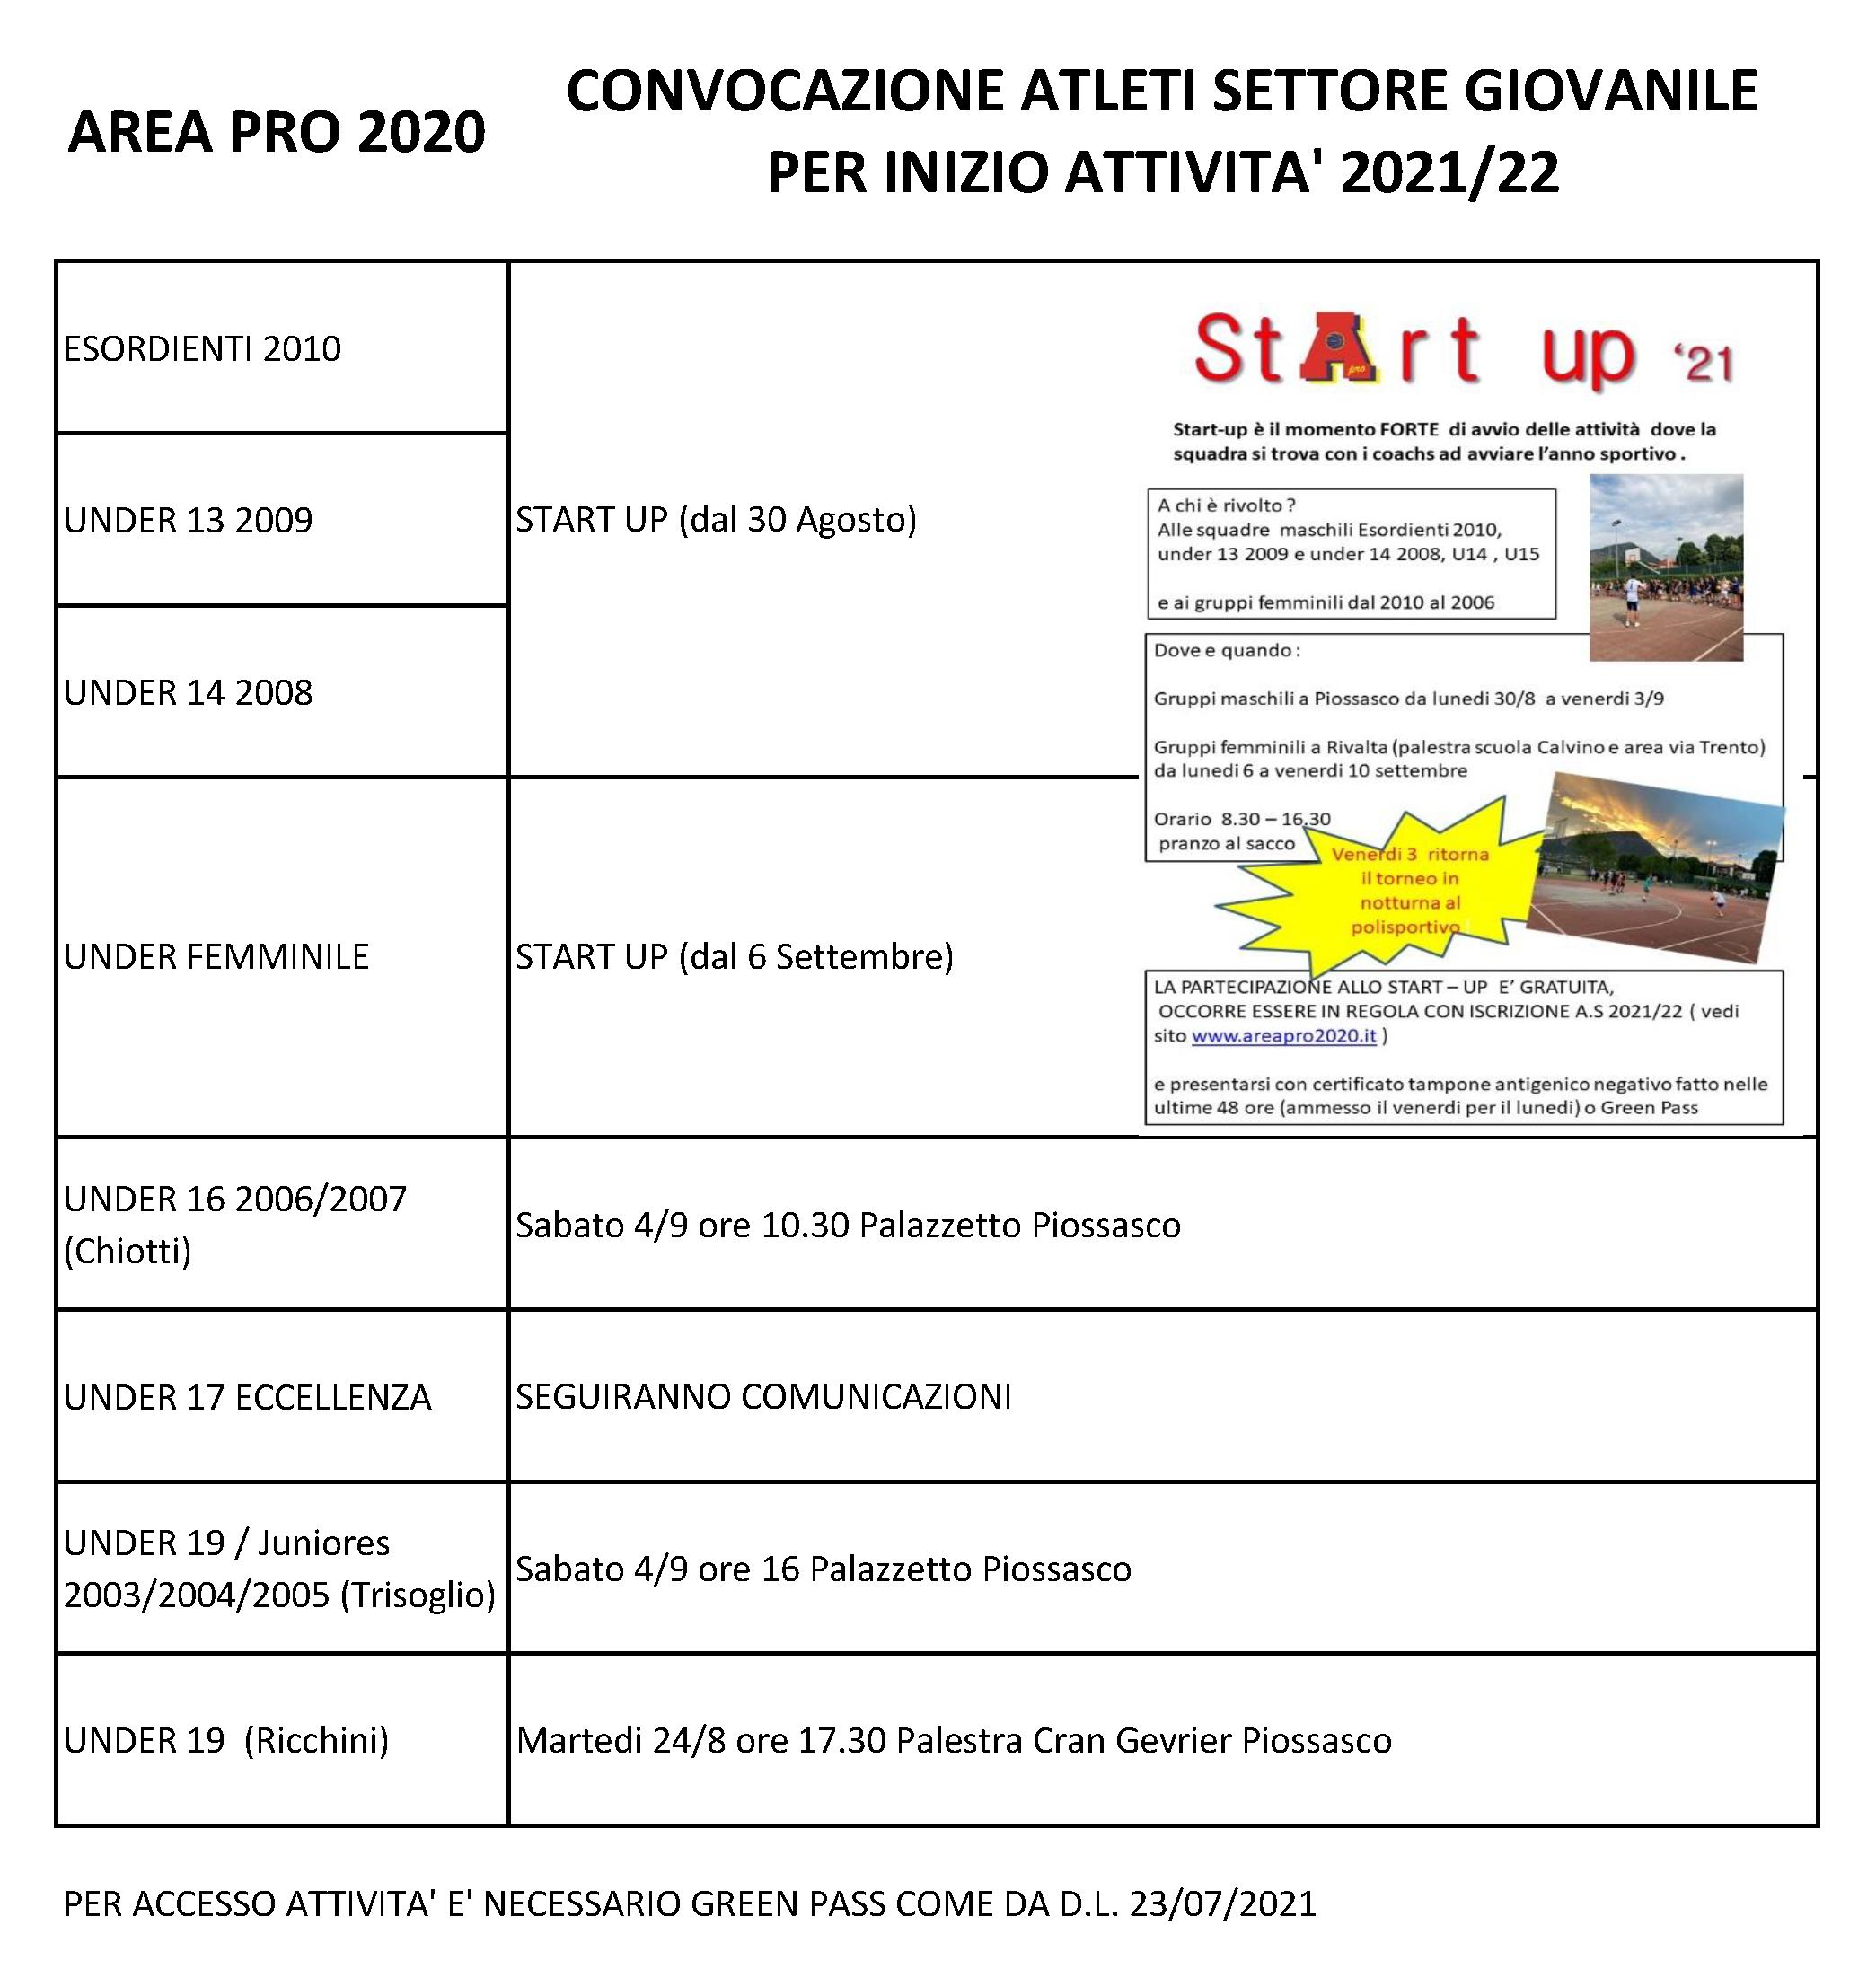 Convocazione atleti settore giovanile per attività 2021-2022